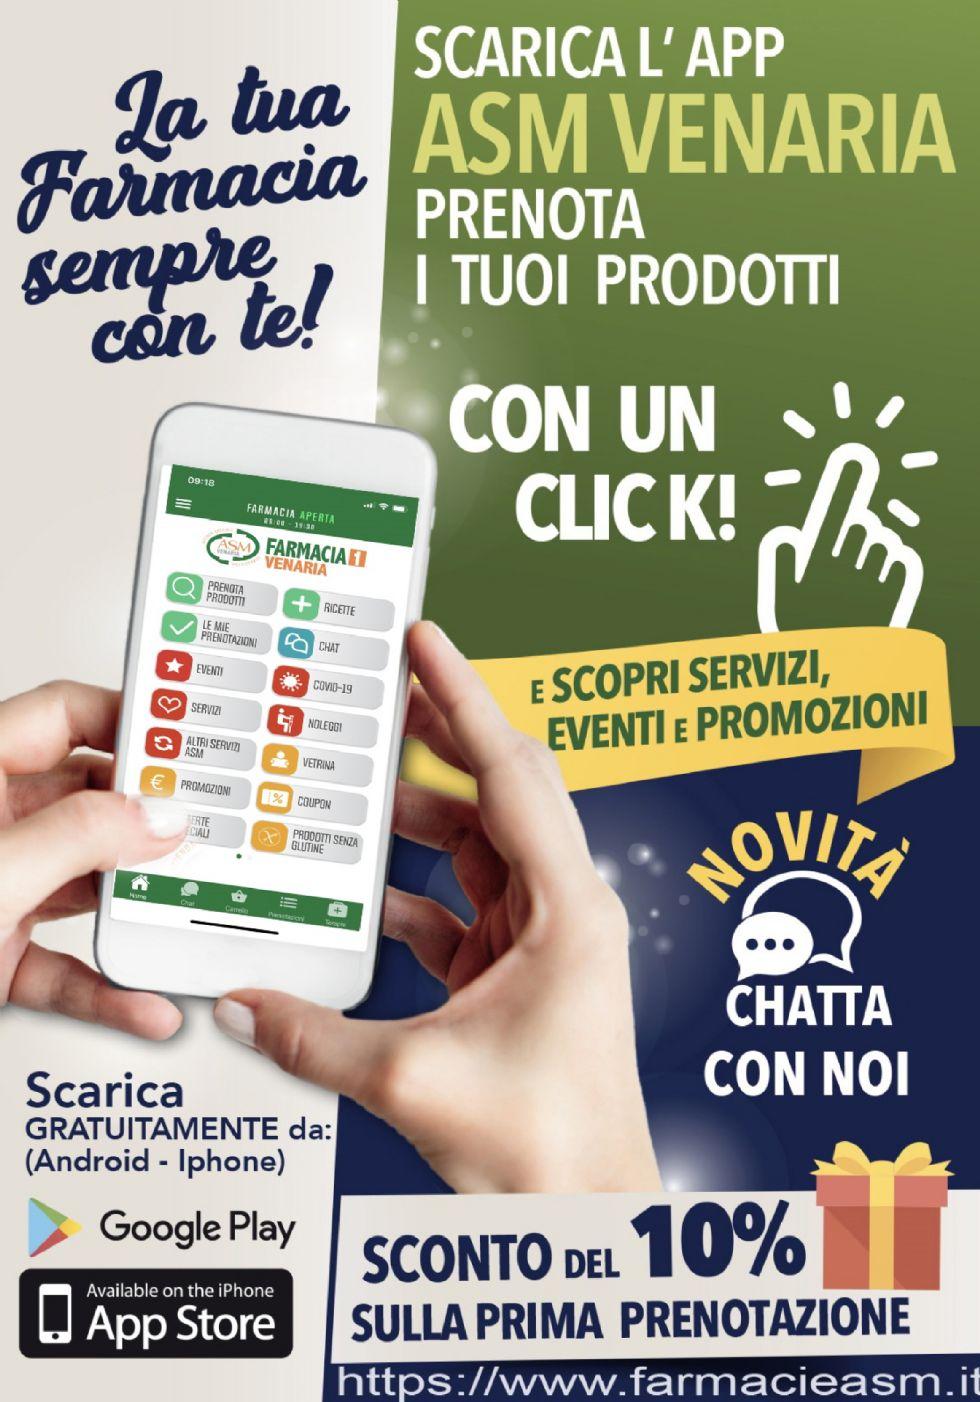 VENARIA - La nuova App delle farmacie comunali: farmaci, e non solo, prenotati con un click